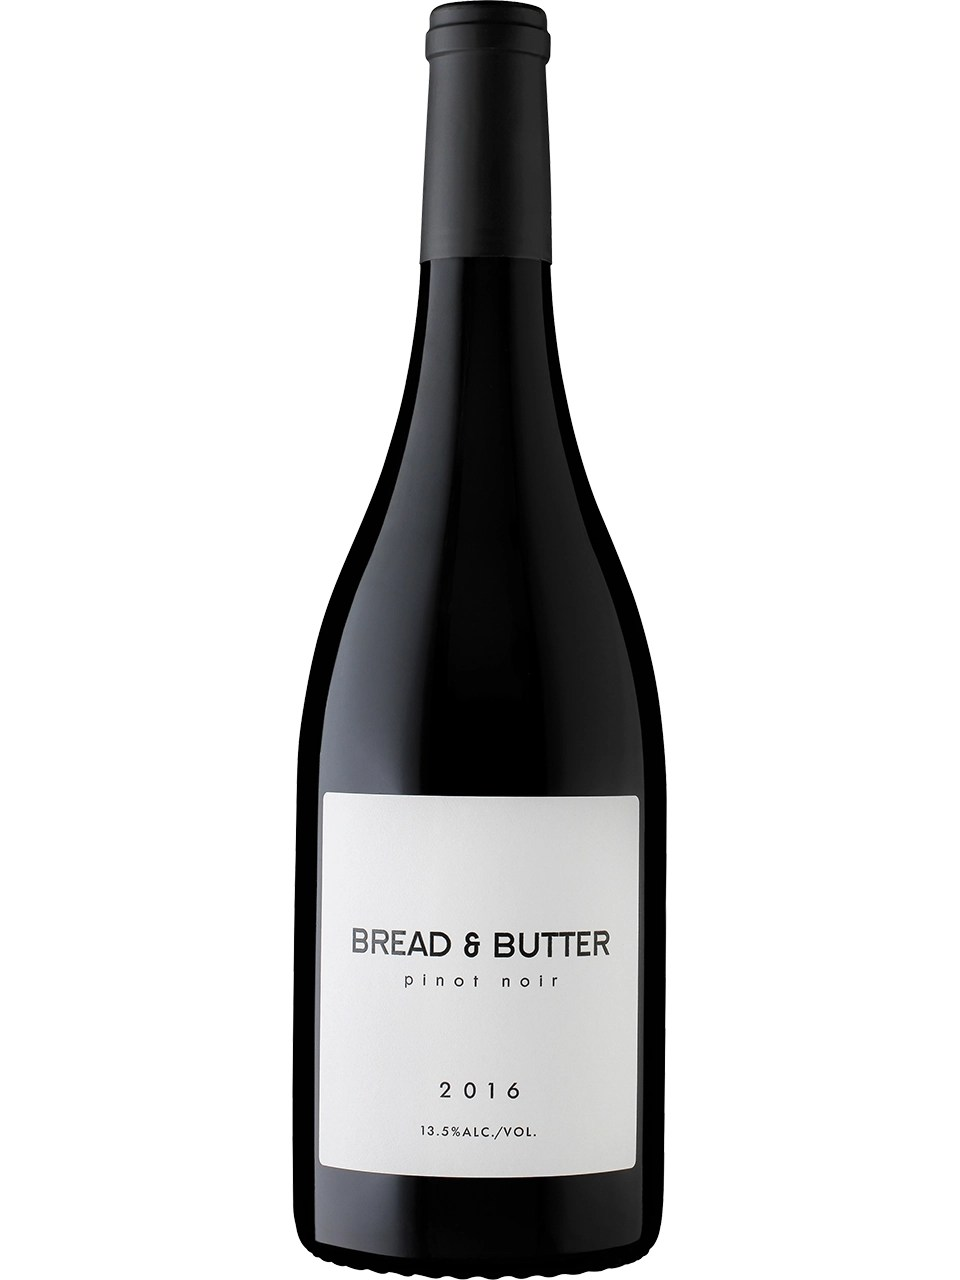 Bread & Butter Pinot Noir